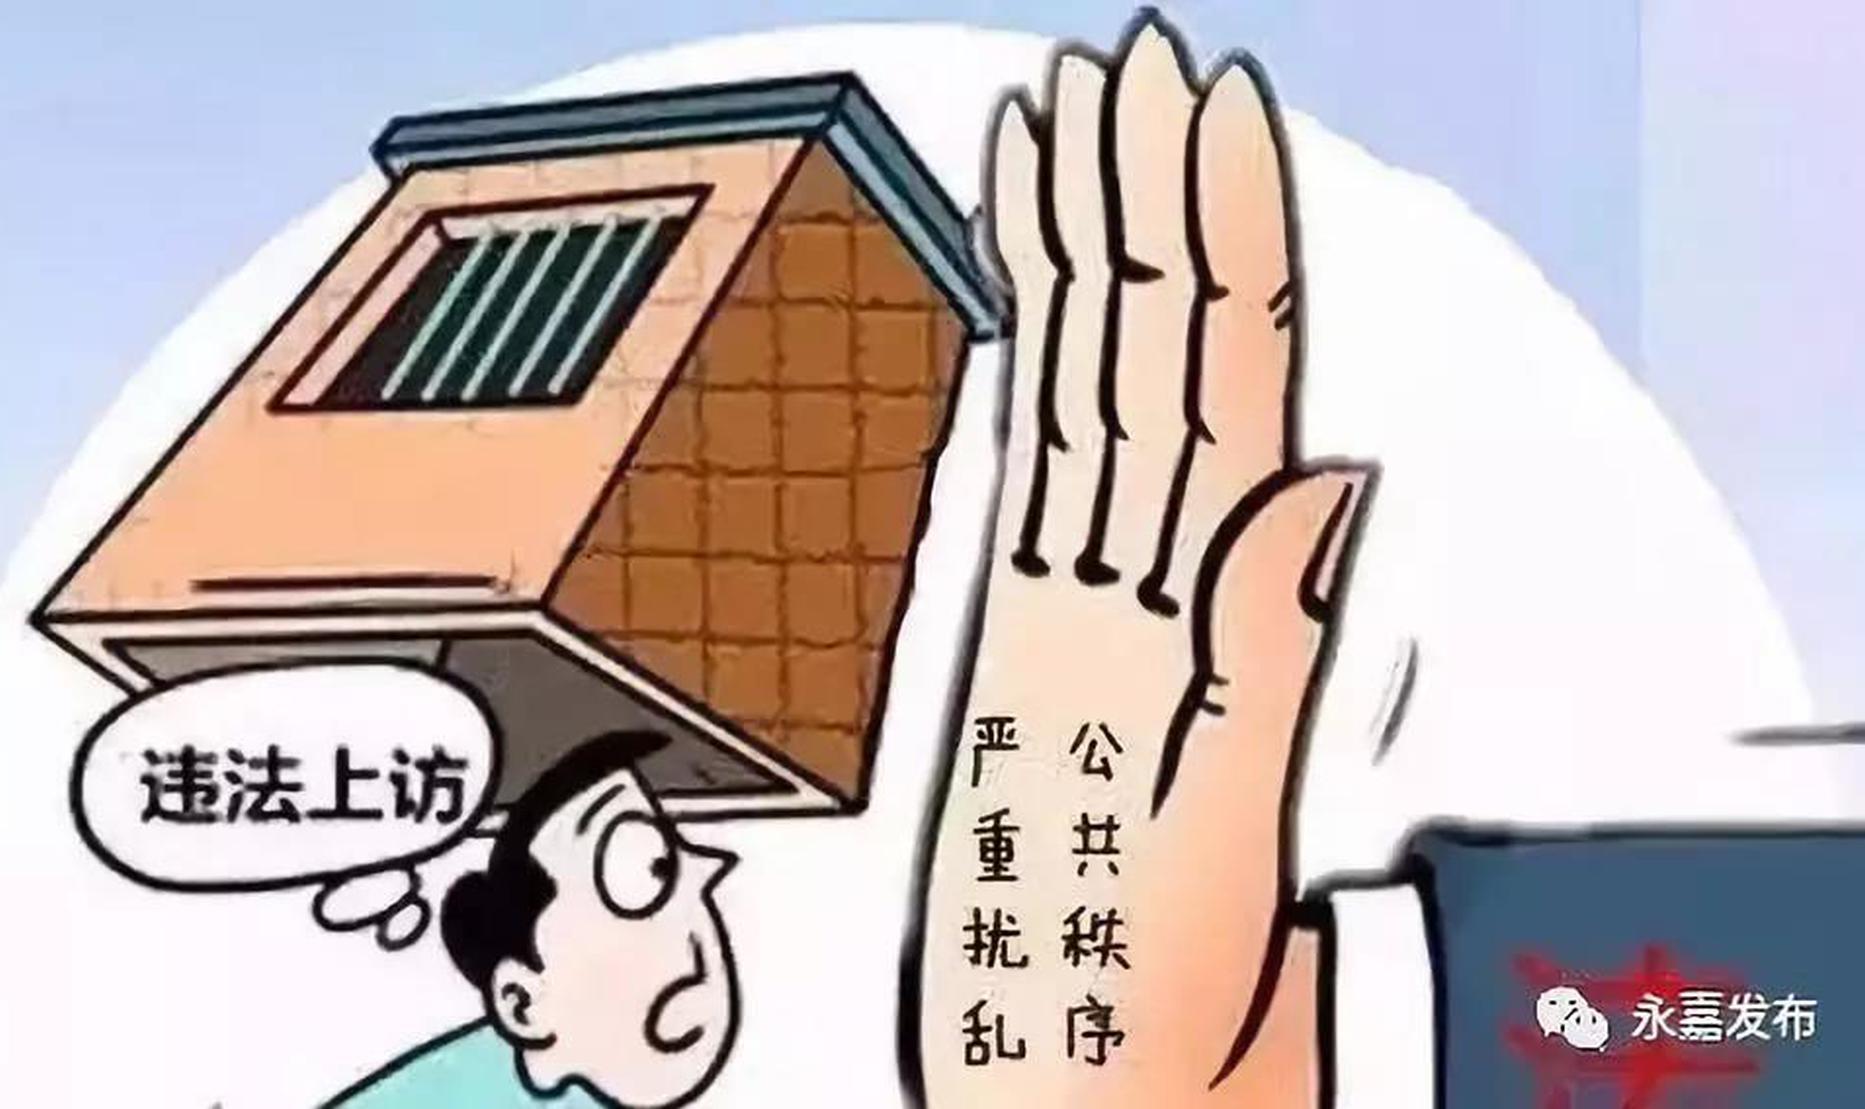 永嘉县一信访户因涉嫌寻衅滋事罪被依法逮捕